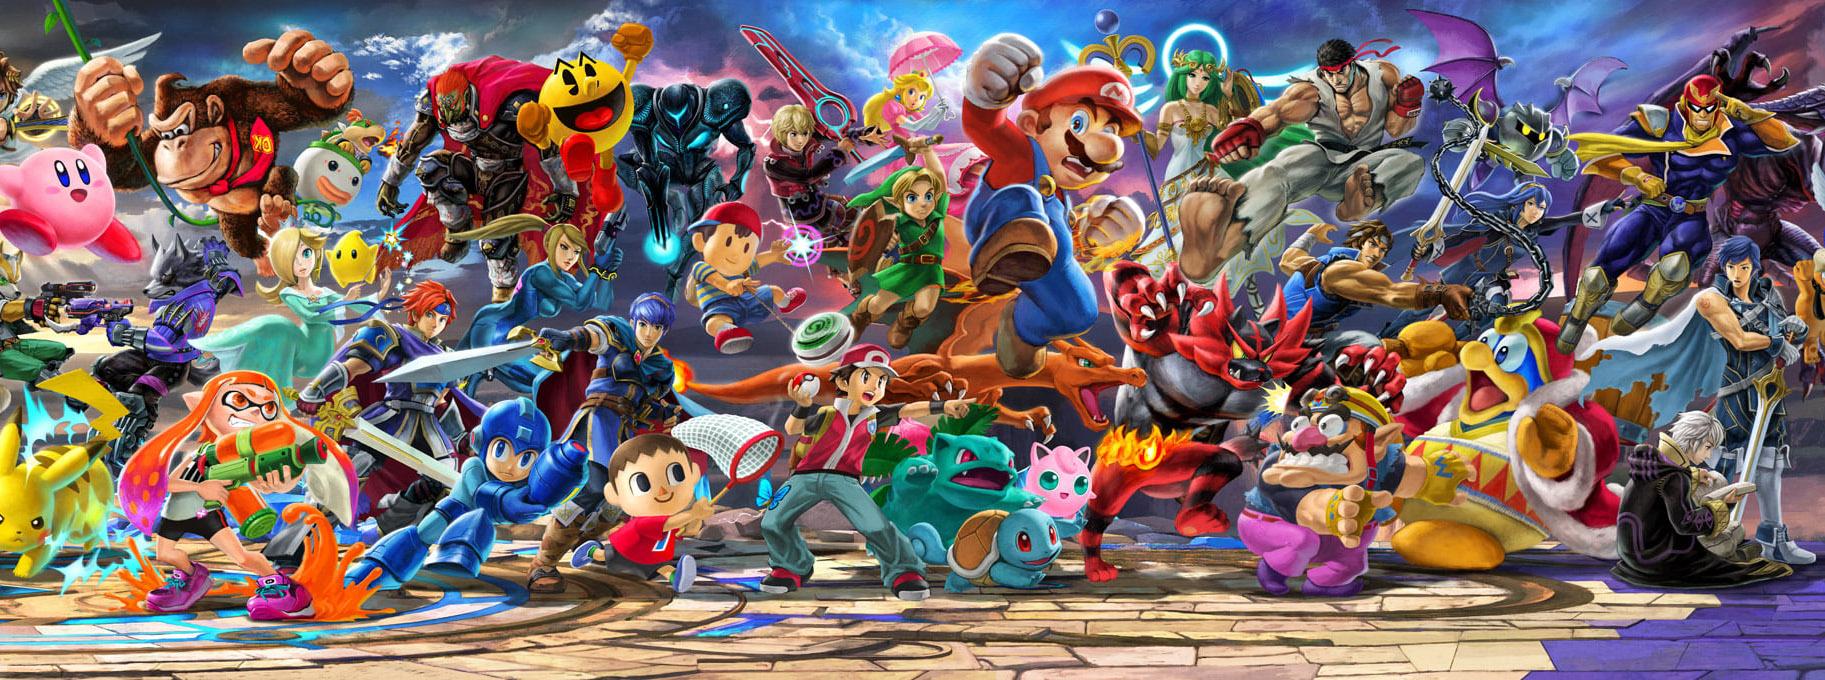 Super smash bros ultimate comment d bloquer facilement tous les personnages breakflip - Tous les personnages de violetta ...